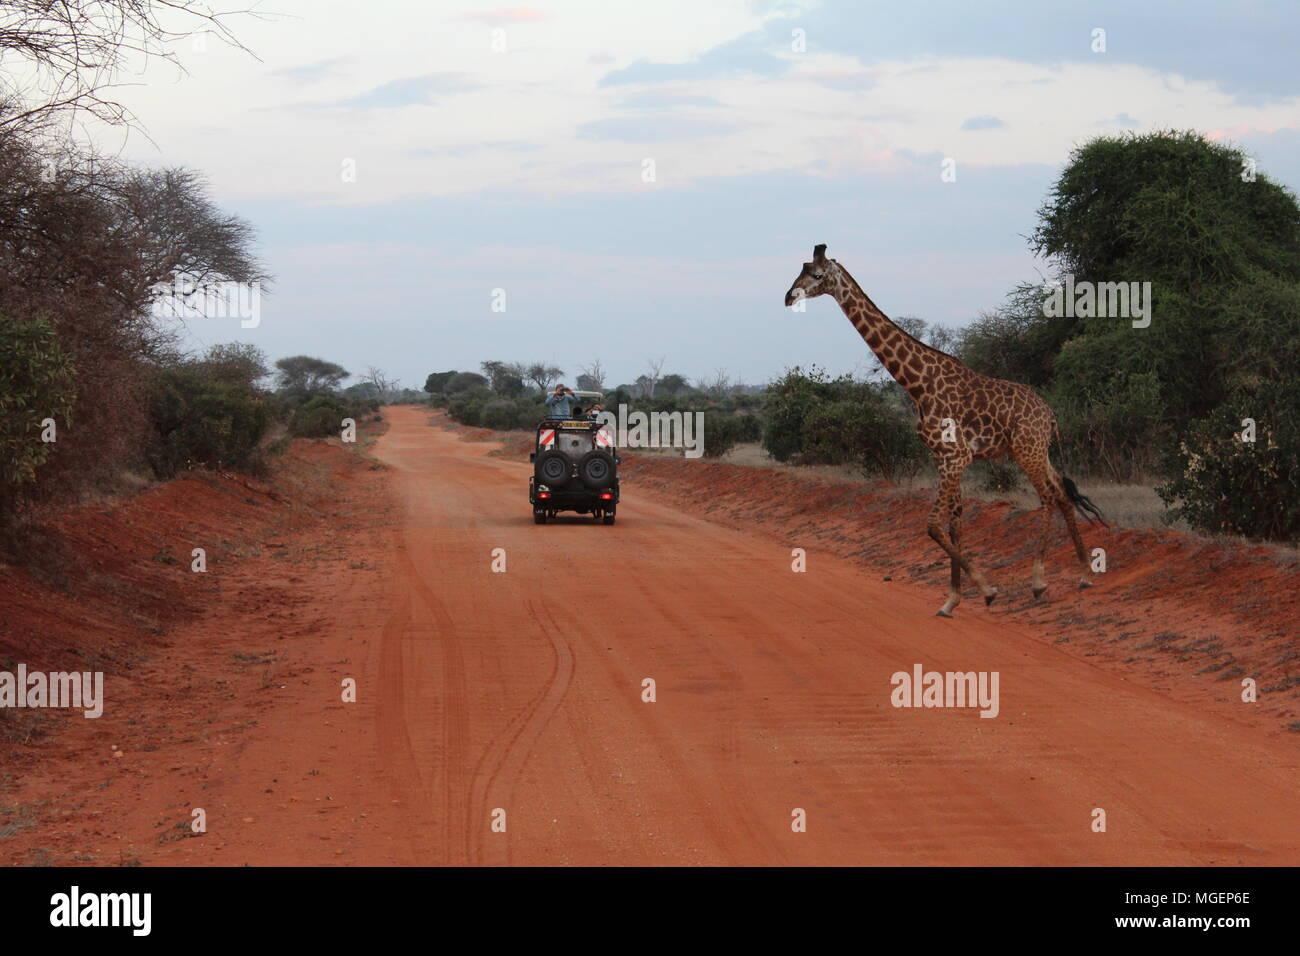 Una jeep si ferma mentre una giraffa attraversa la strada durante un safari in Kenya, con le luci del tramonto creando un atmosfera mozzafiato Immagini Stock